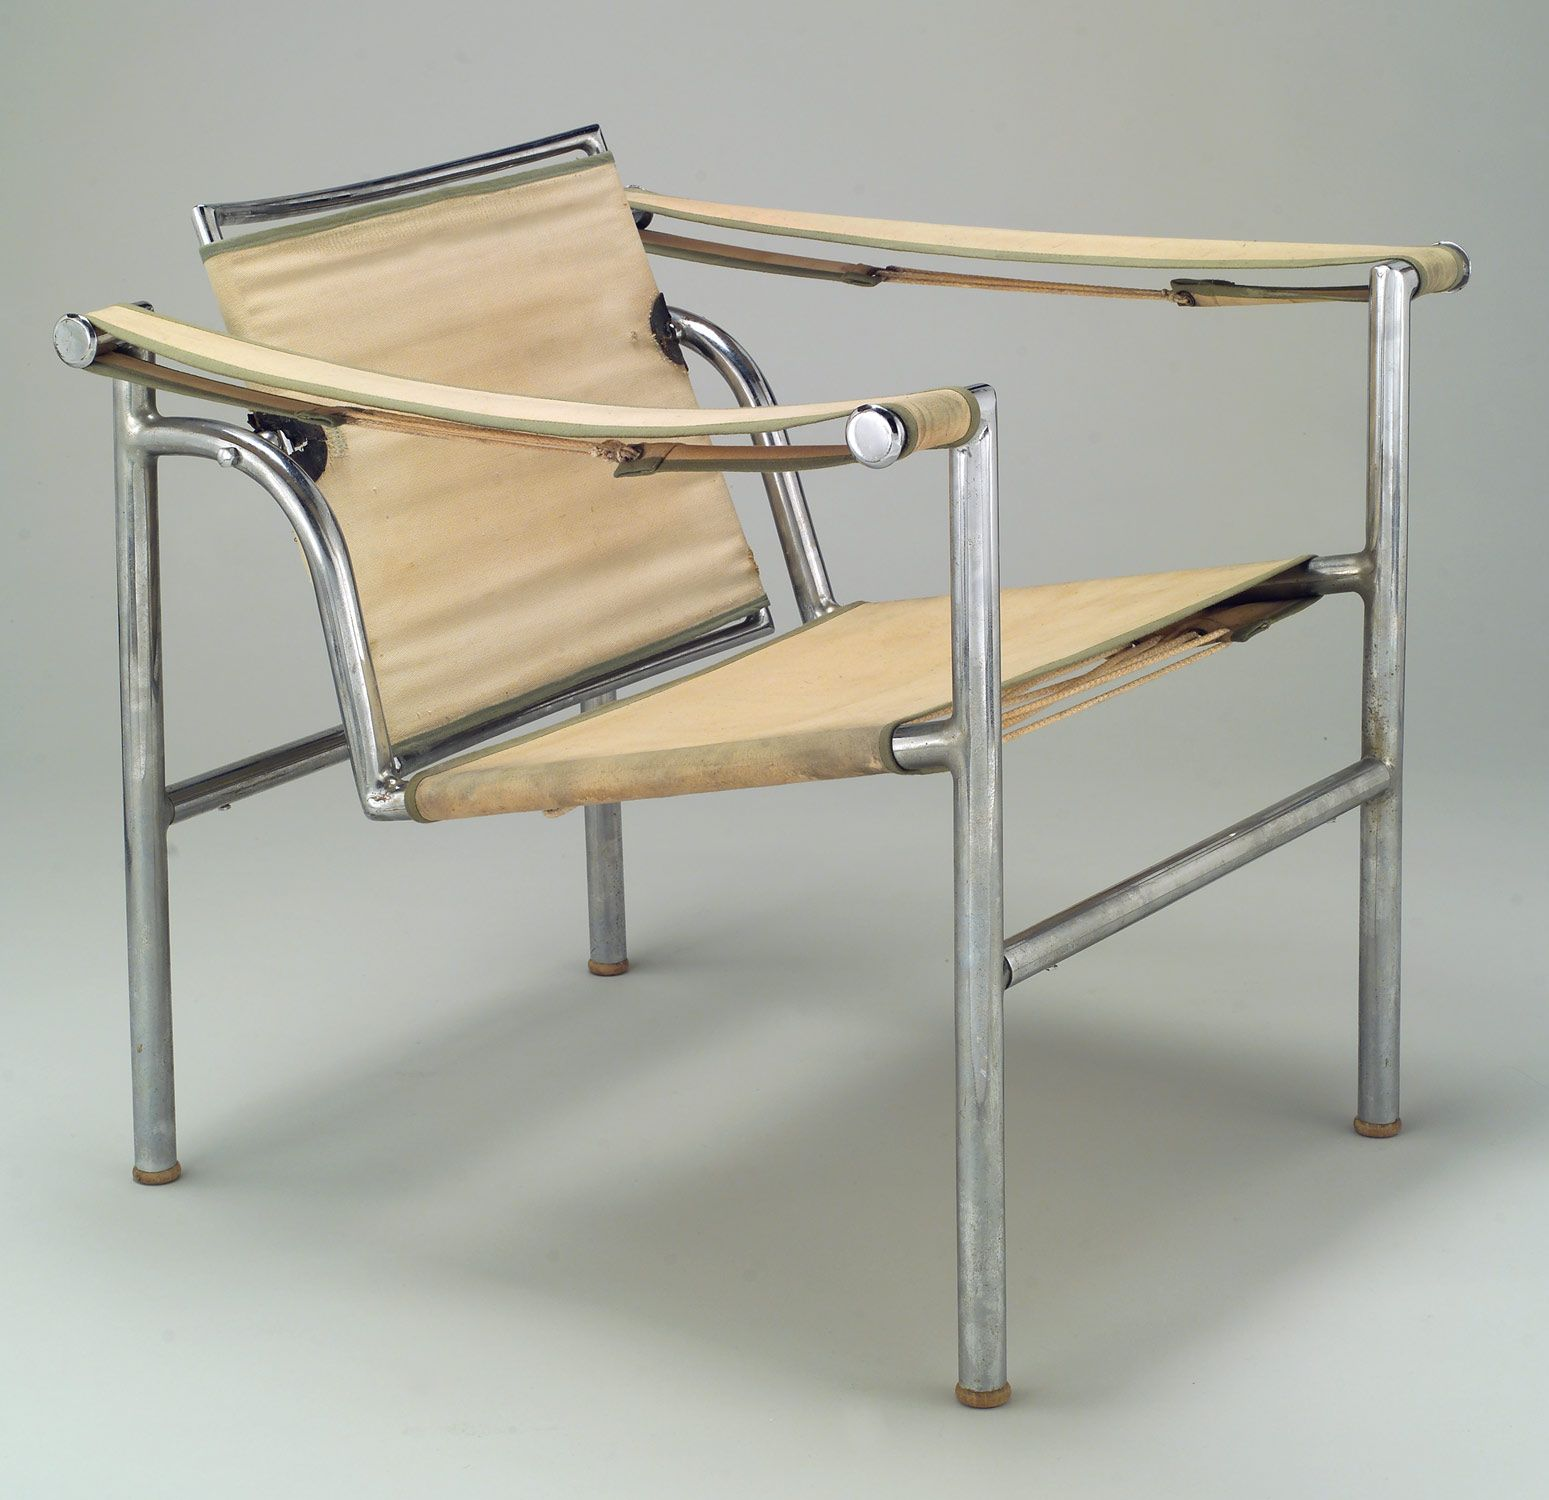 Le Industrial Design siège à dossier basculant armchair model b 301 designer le